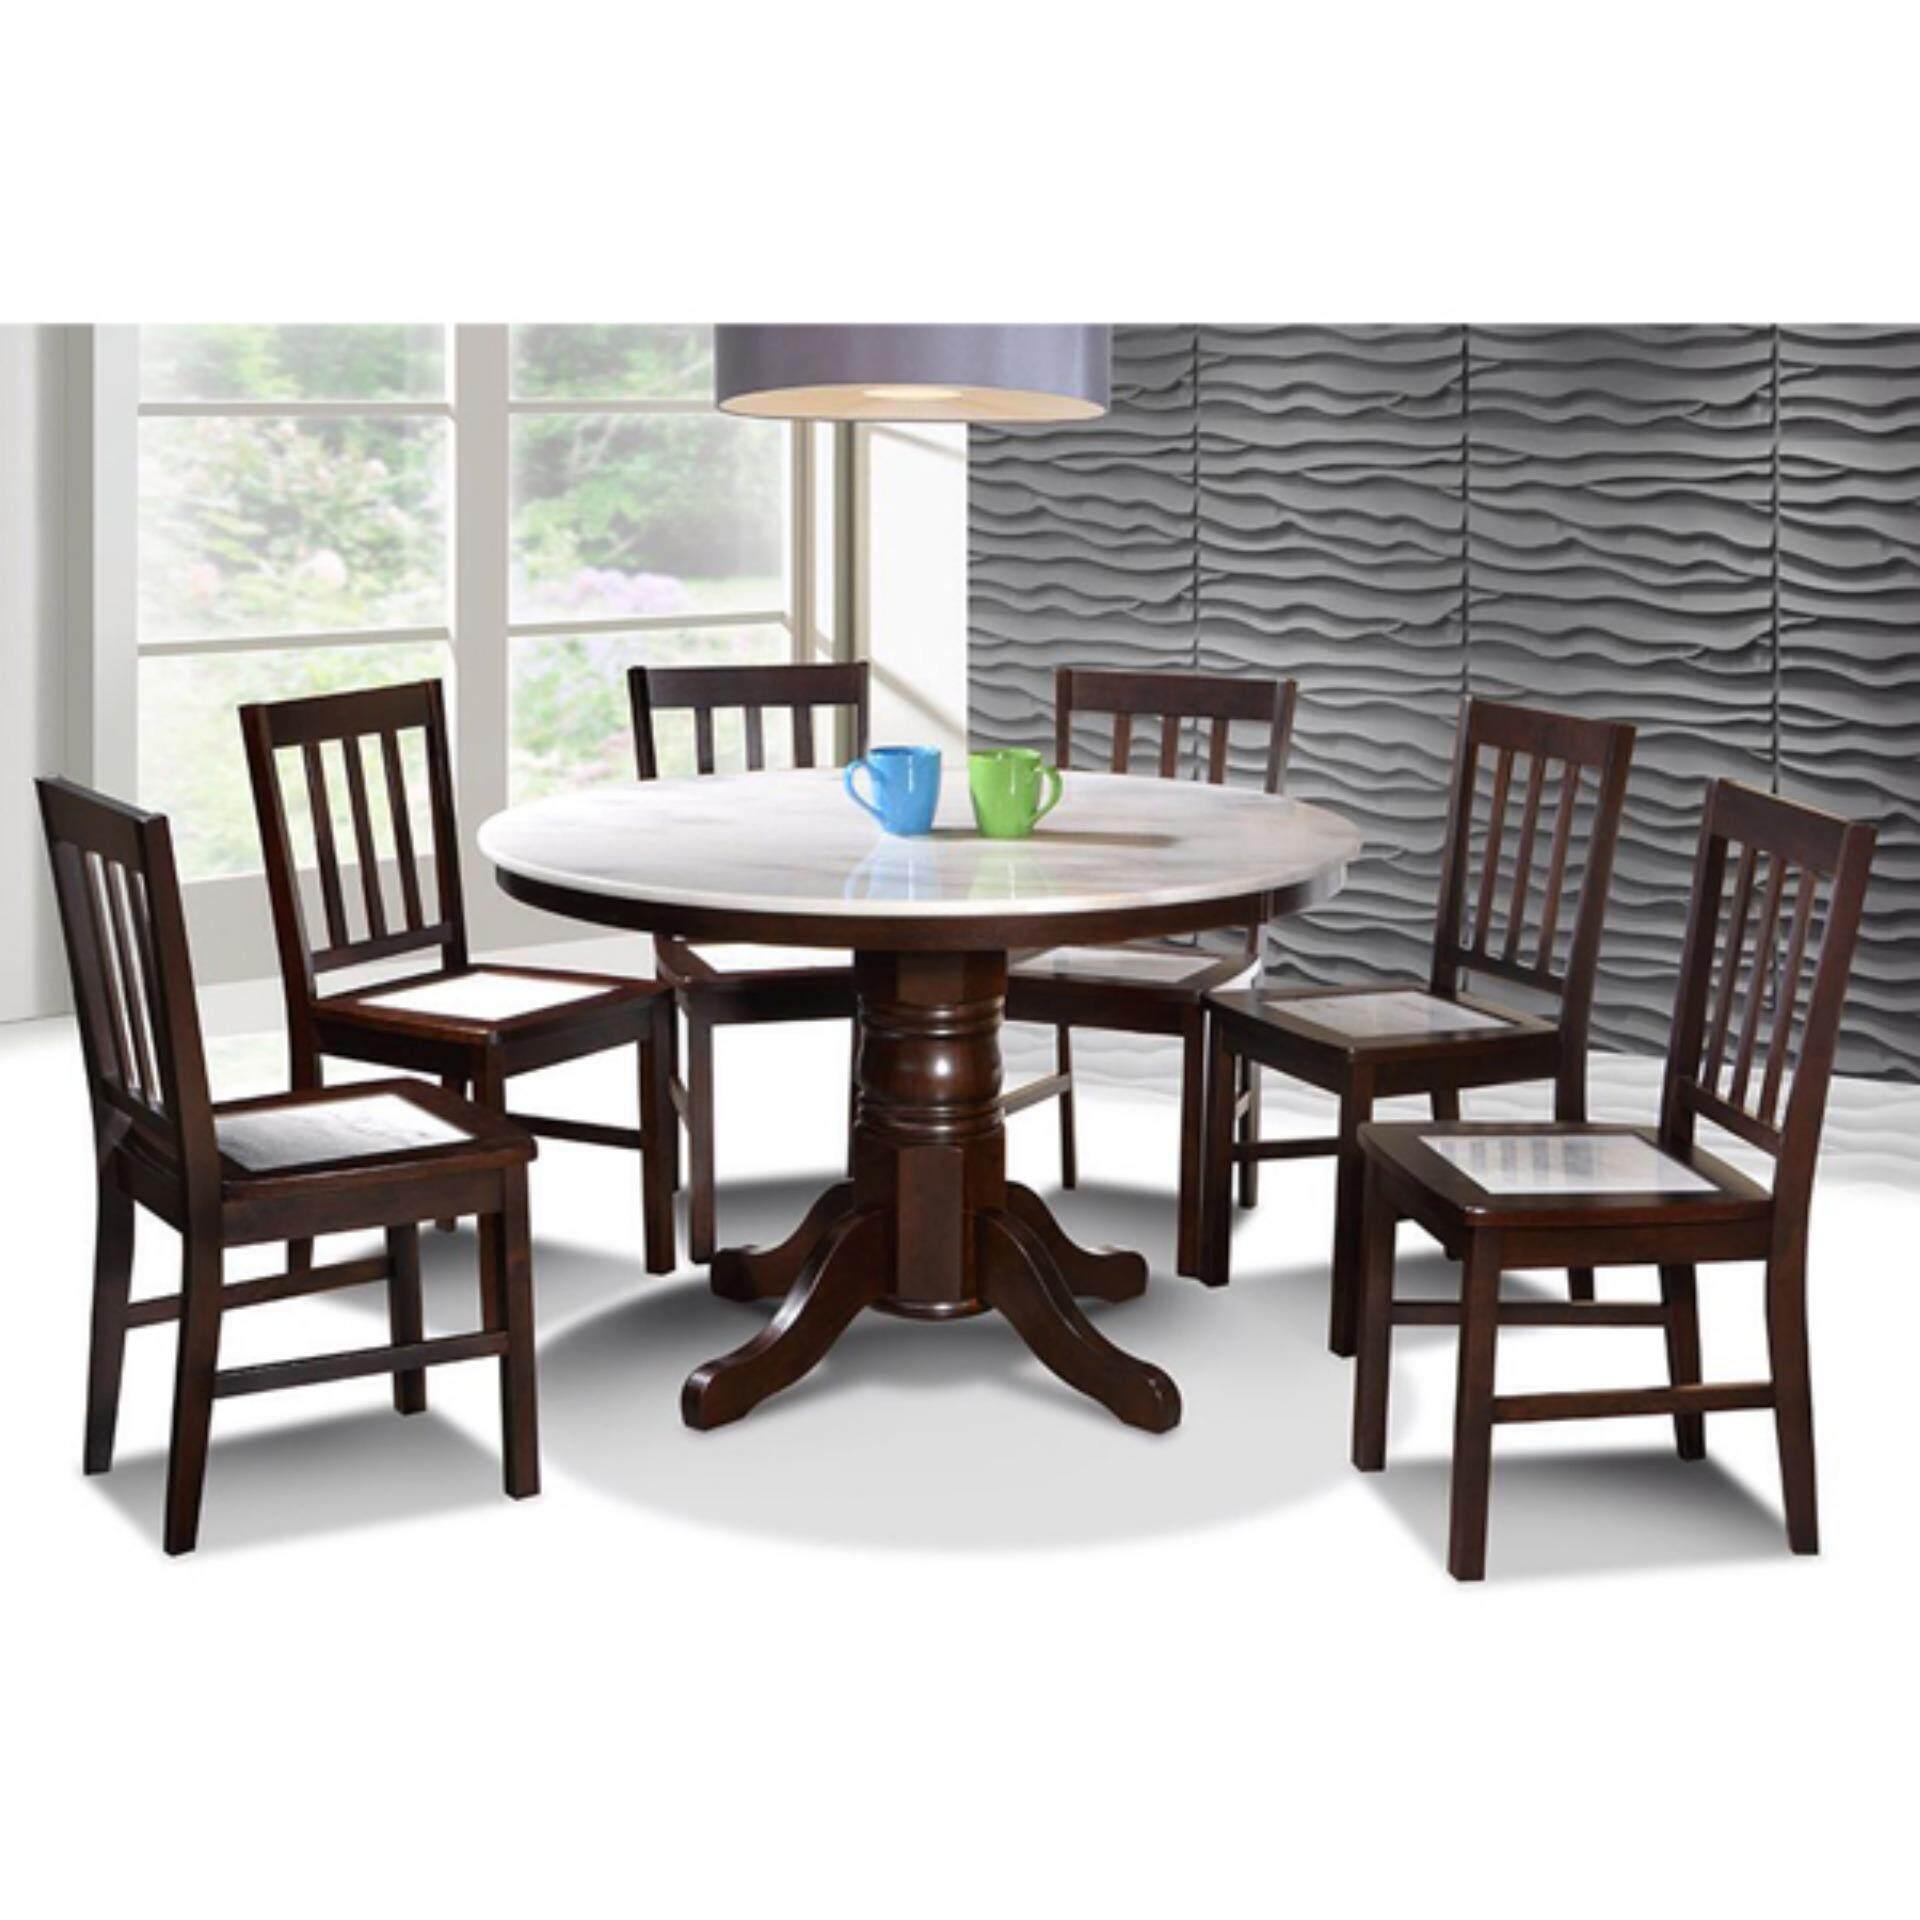 100 7pc dining room sets dining room sets for 10 home desig